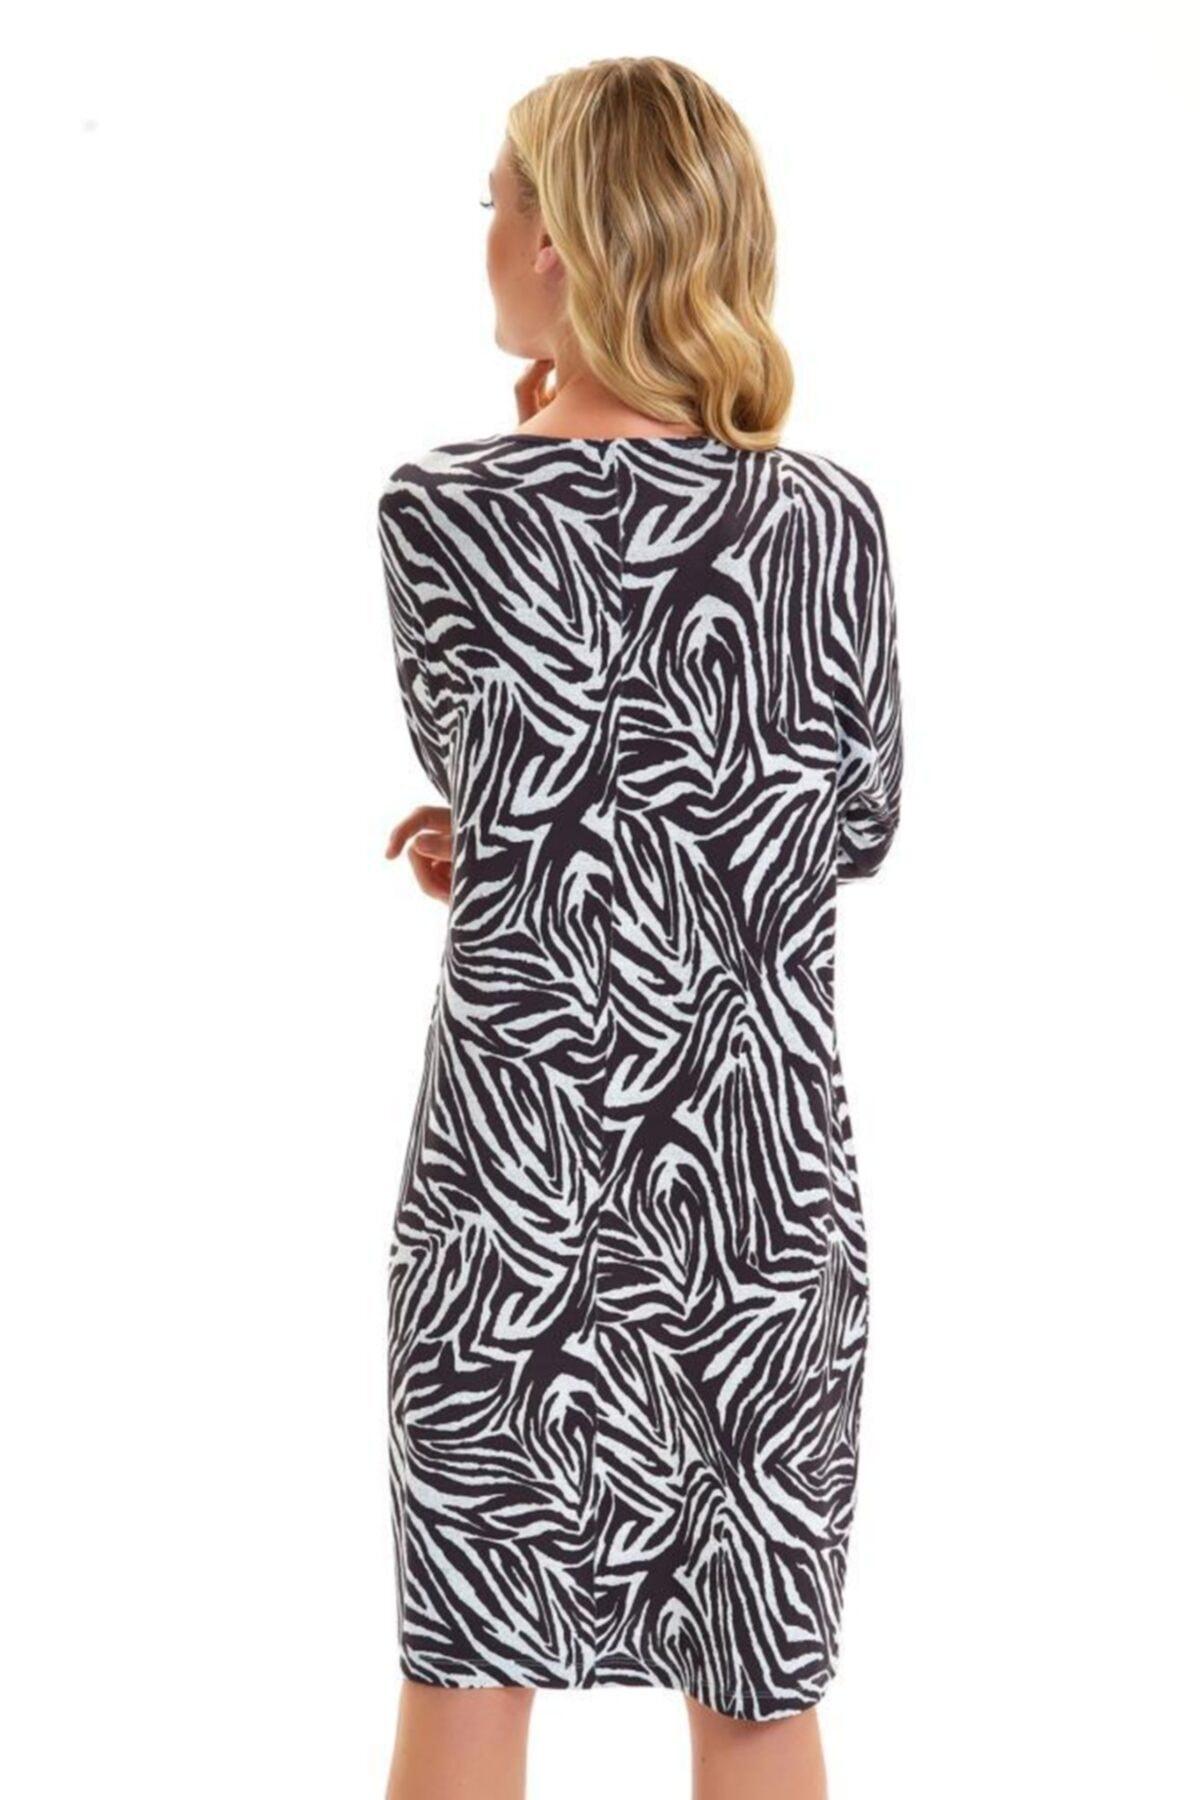 İkiler Yakası Metal Fermuarlı Zebra Desen Elbise 201-2511